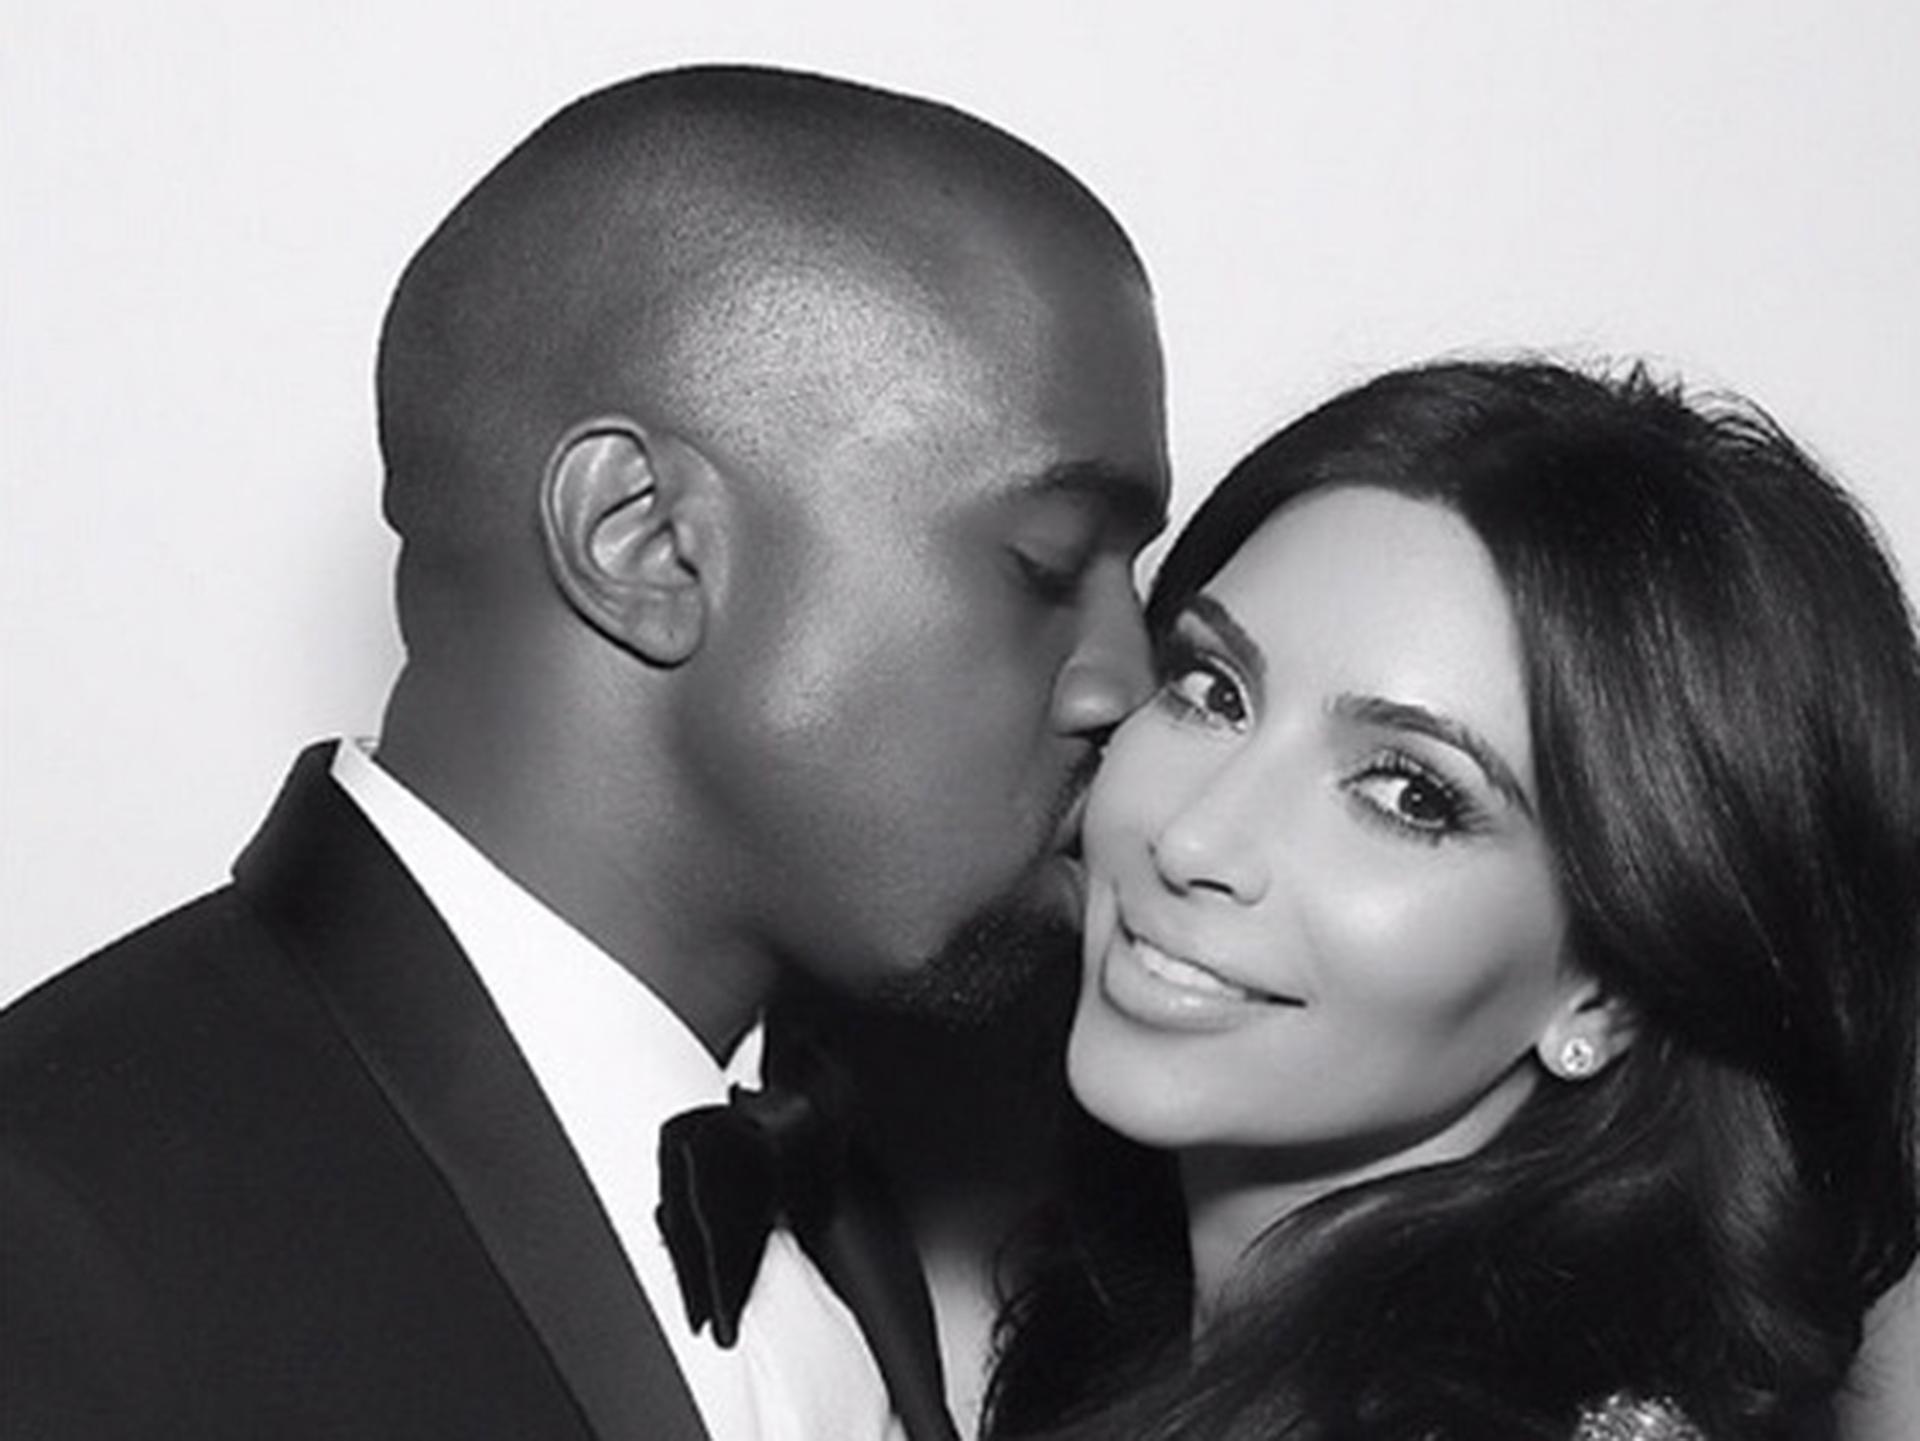 Kanye West Stuffs Kim Kardashian's Christmas With Stocks